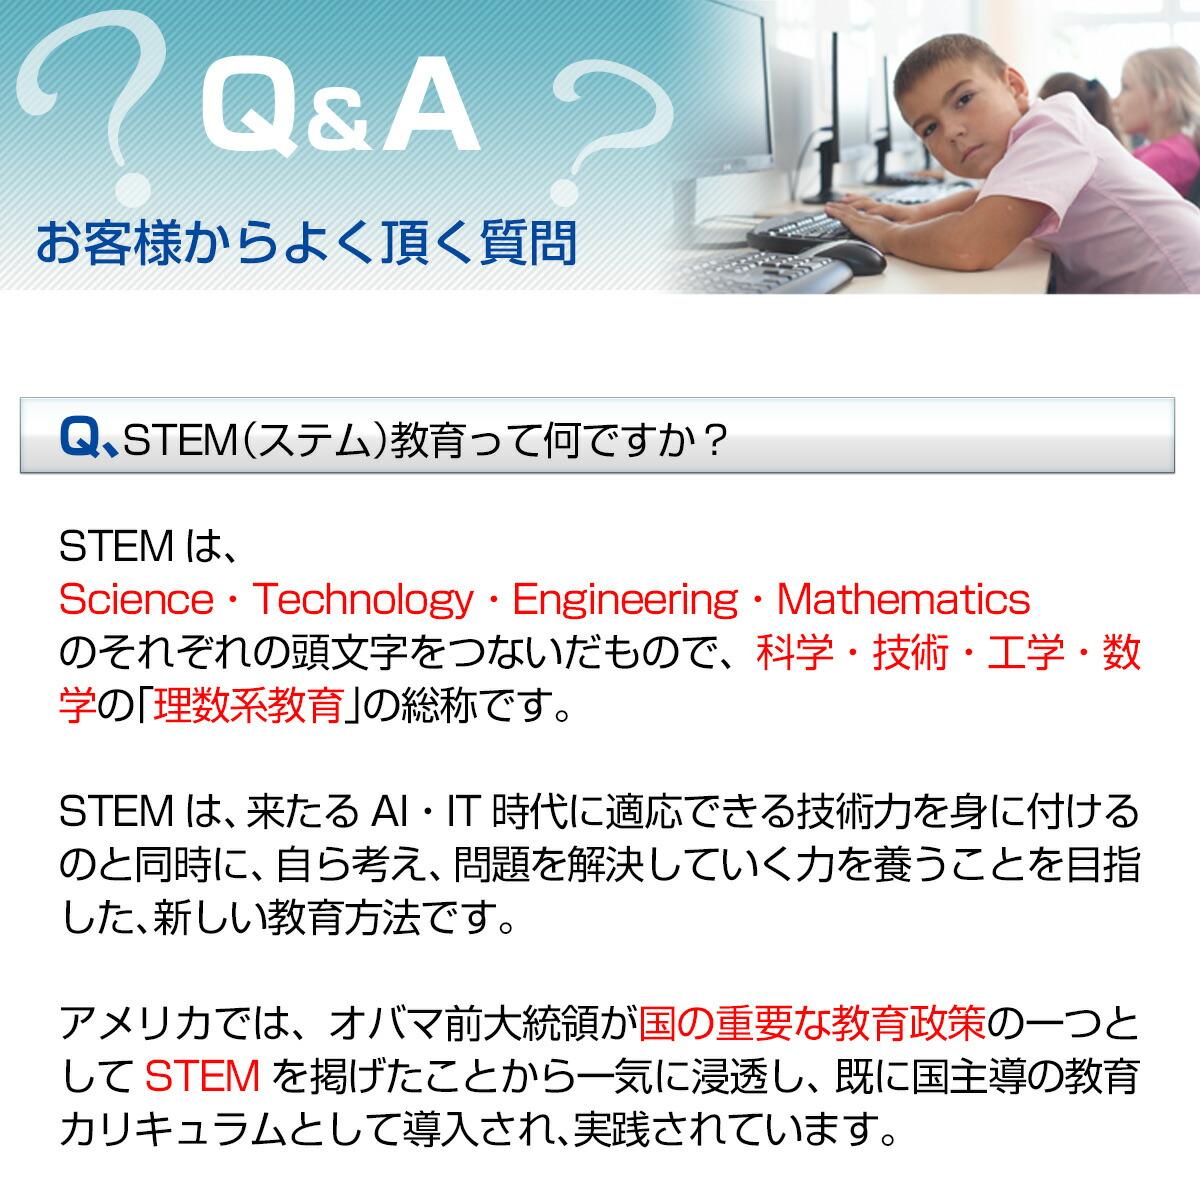 電脳プログラミング ビギナーによく頂く質問